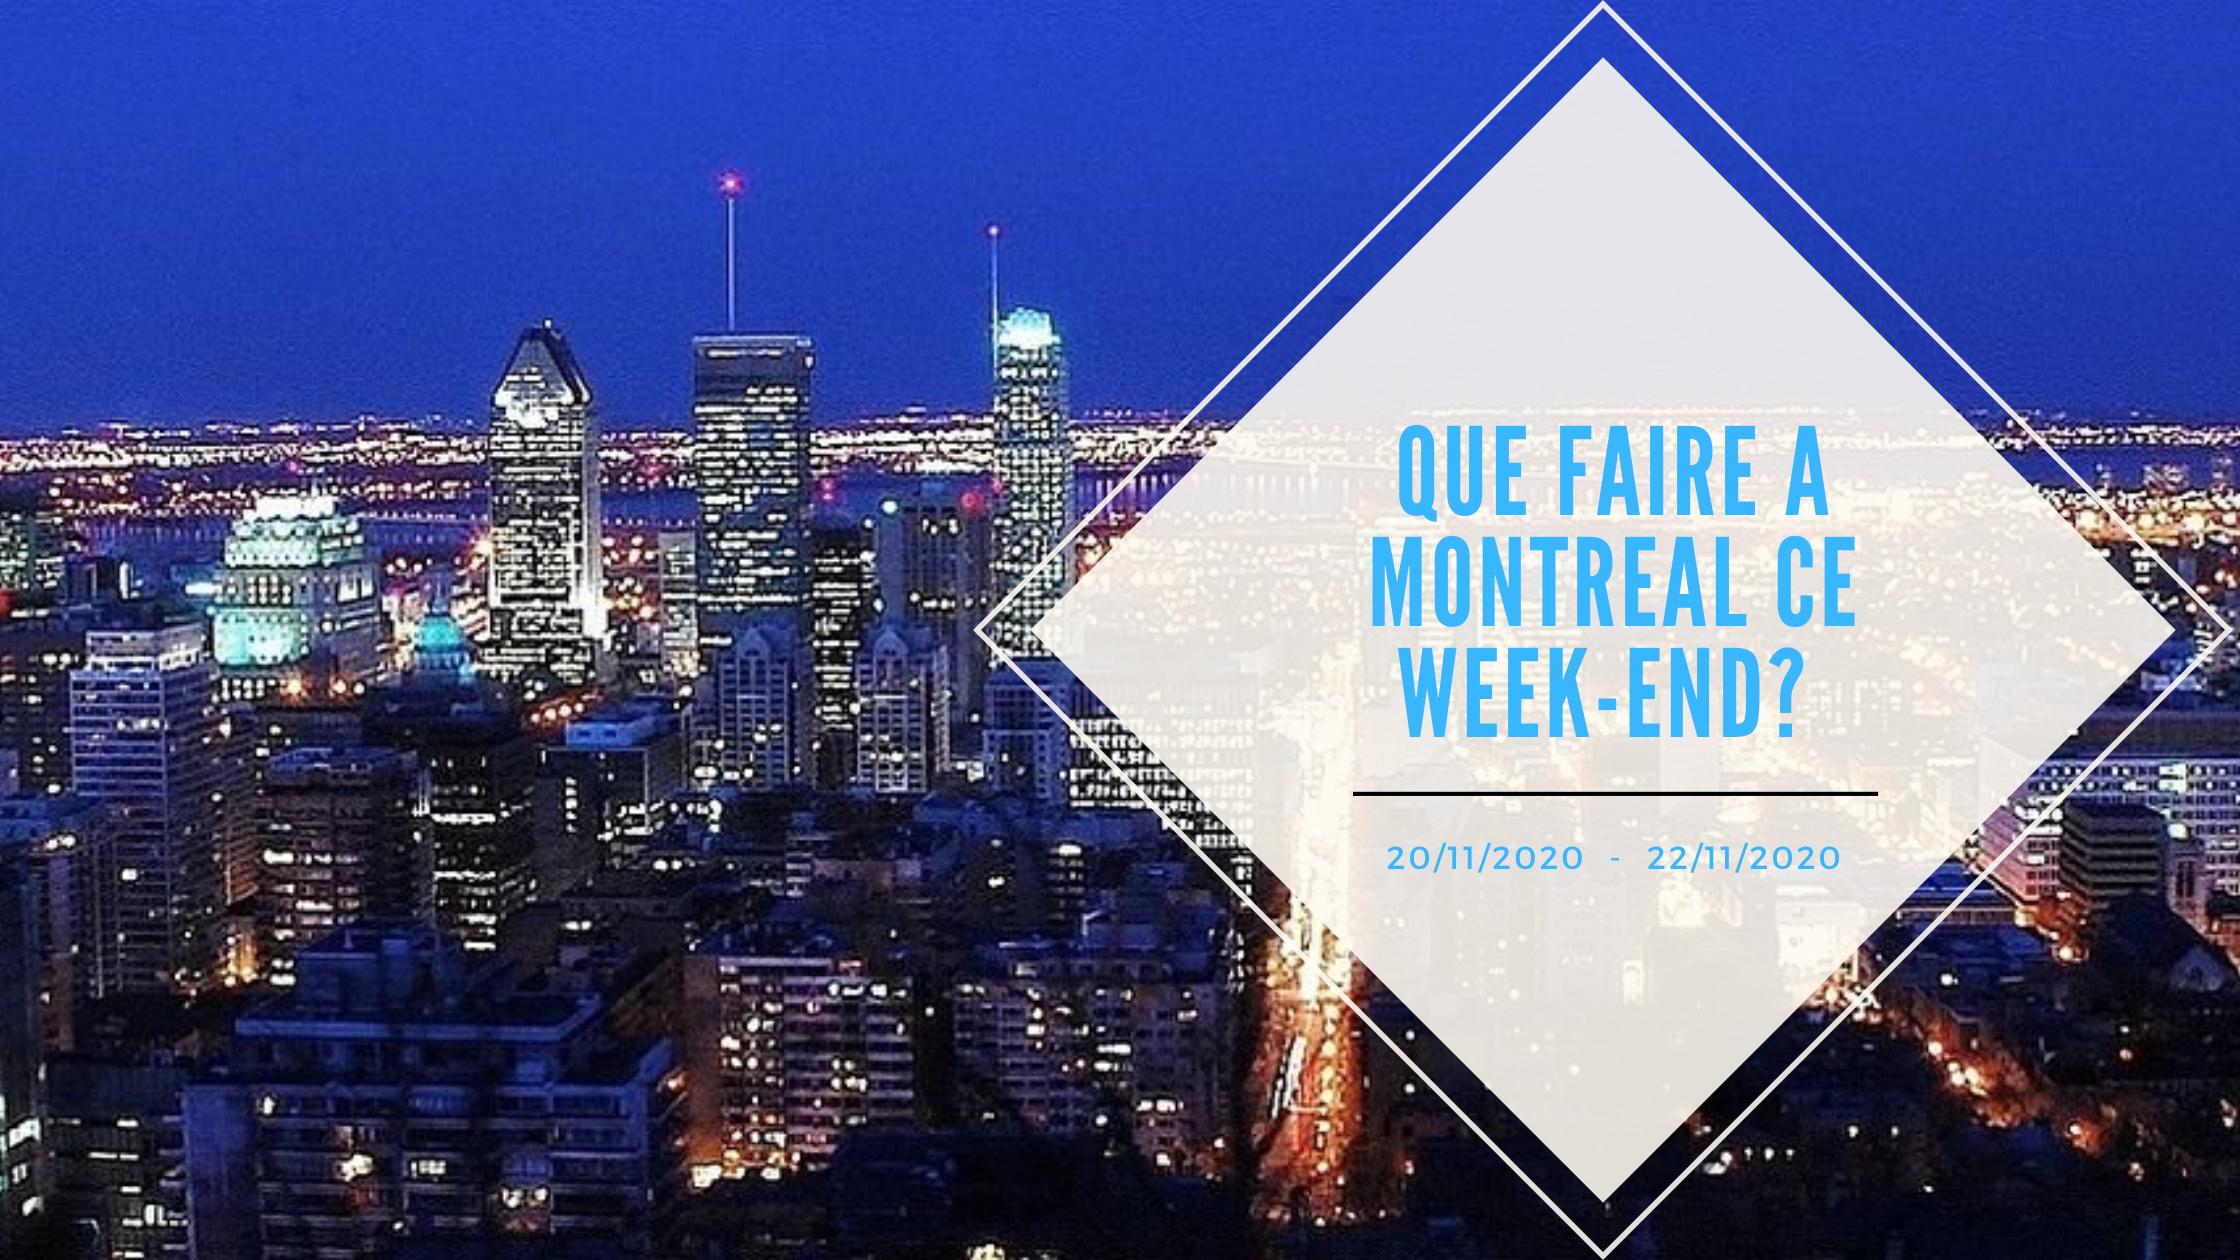 Que faire ce week-end à Montréal en ces 20, 21 et 22 novembre ?